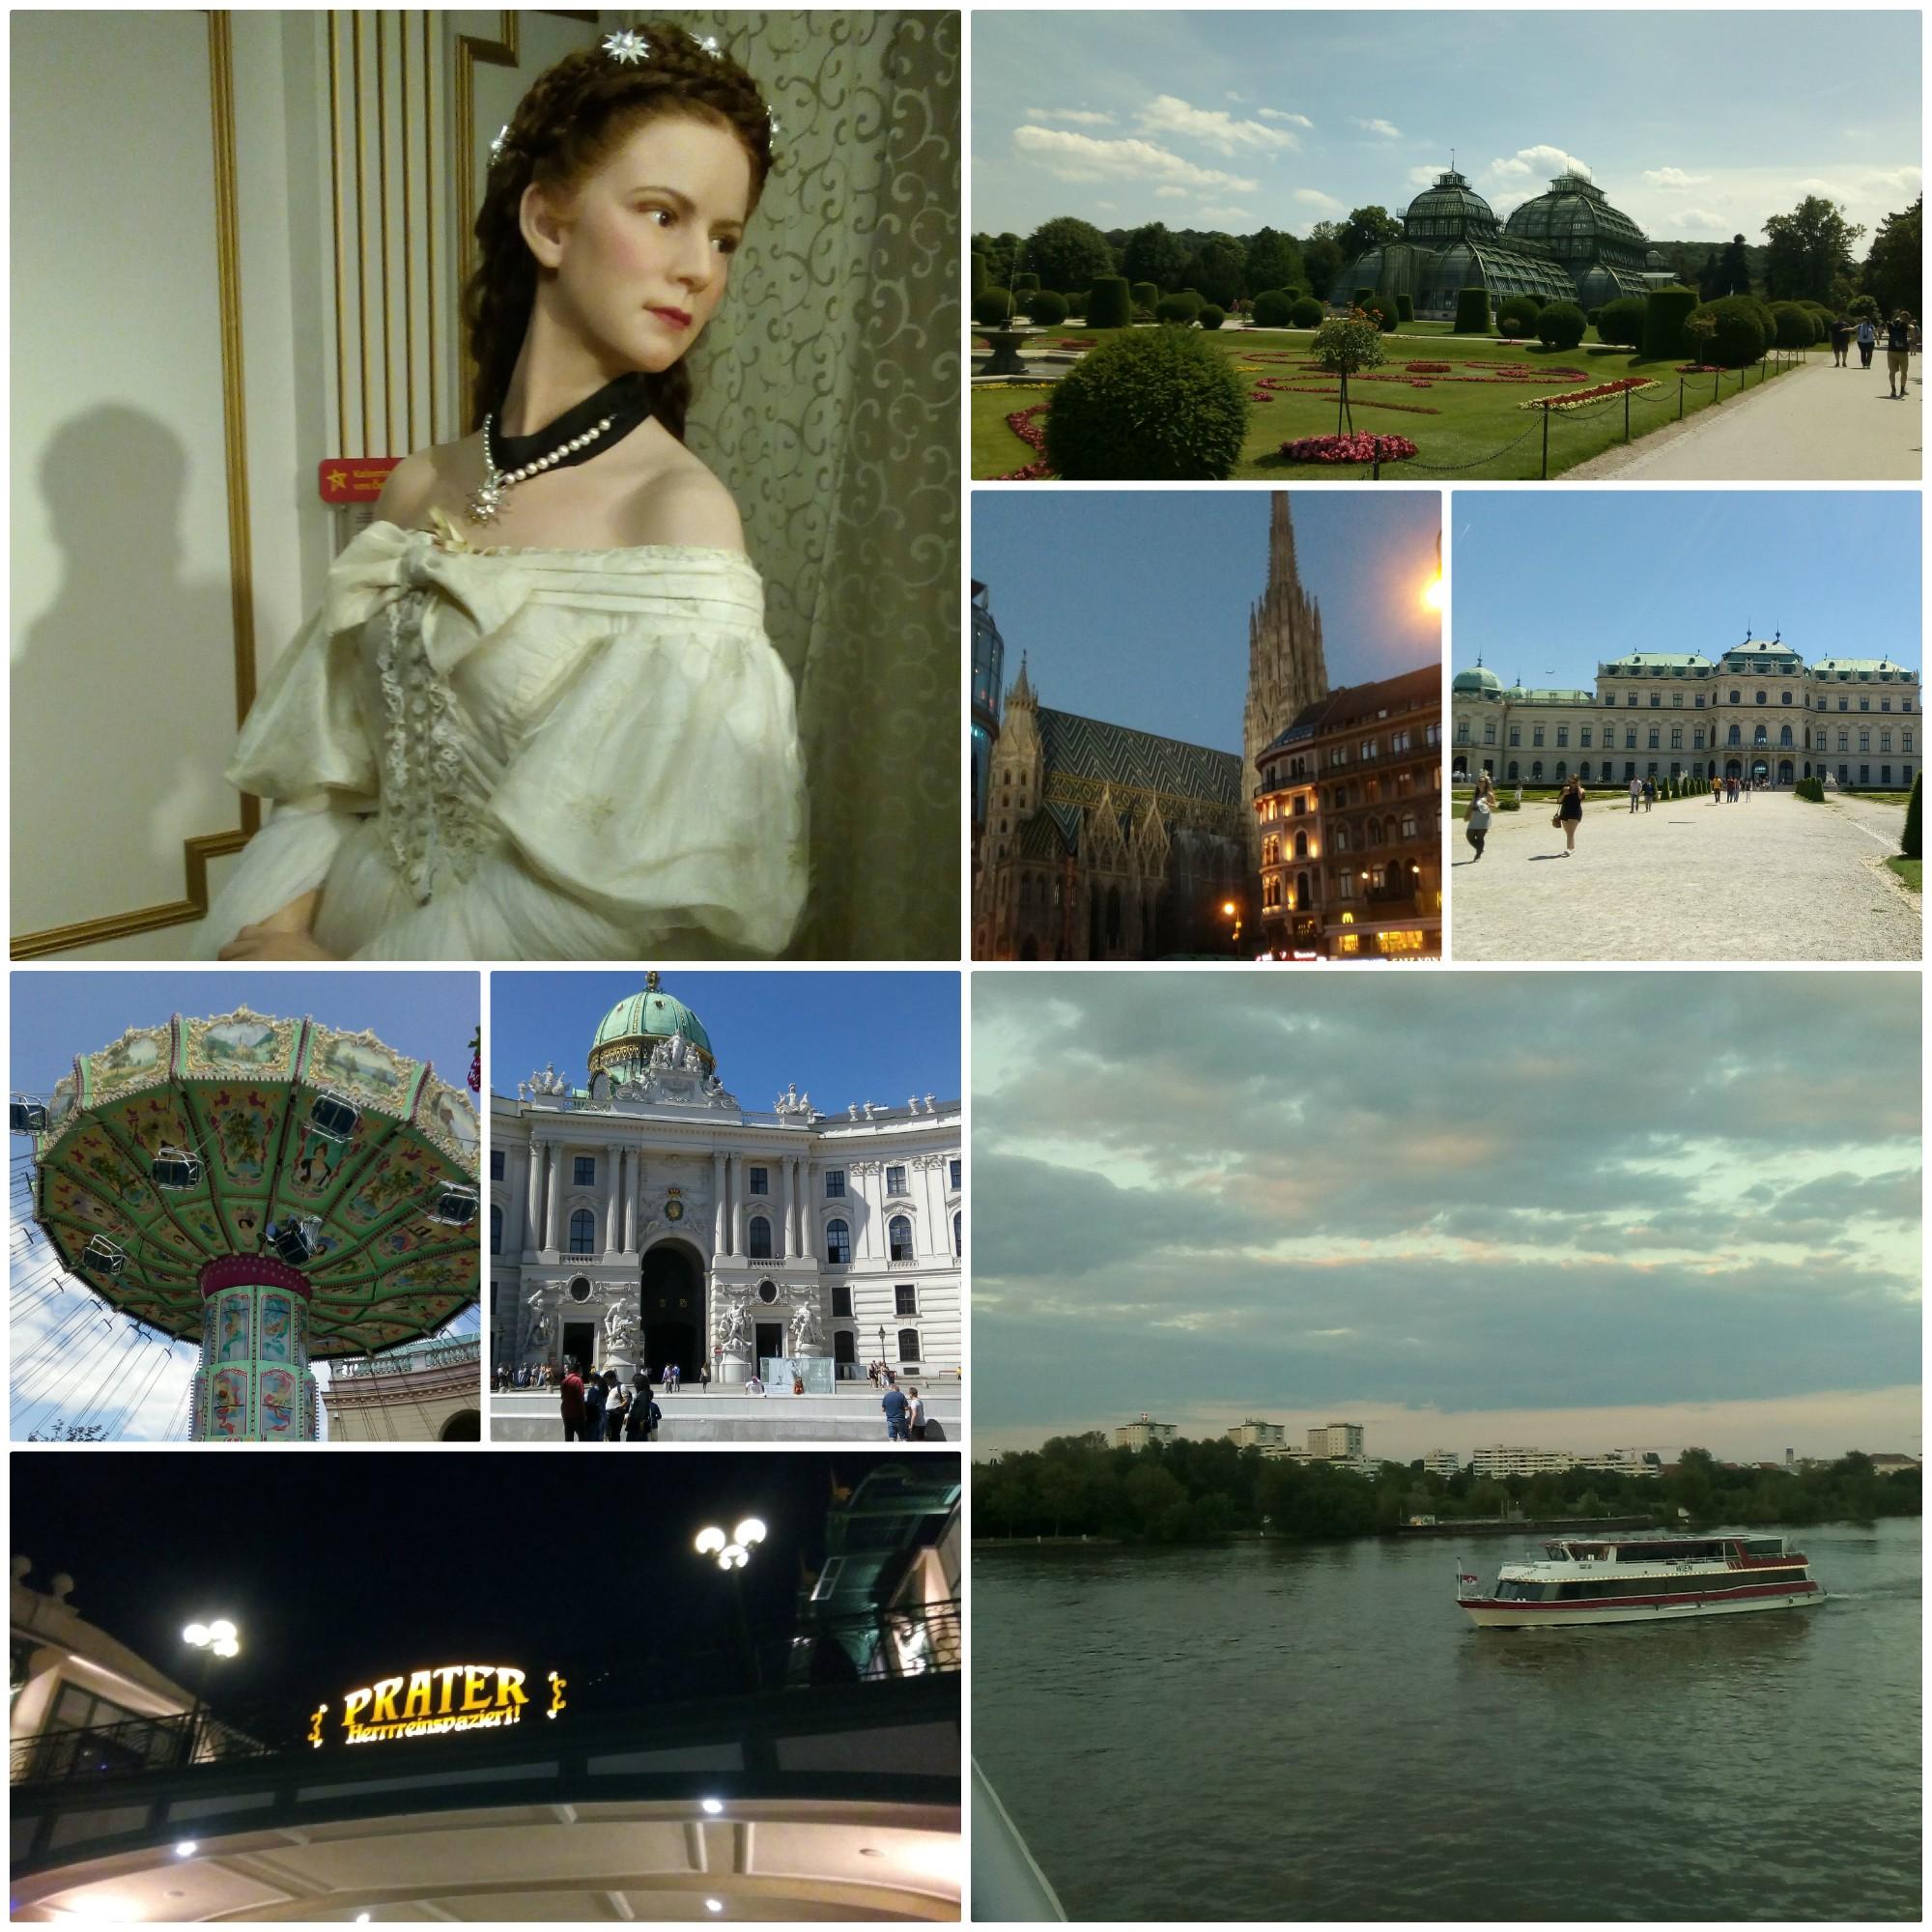 Vienna Waits for Youuu!